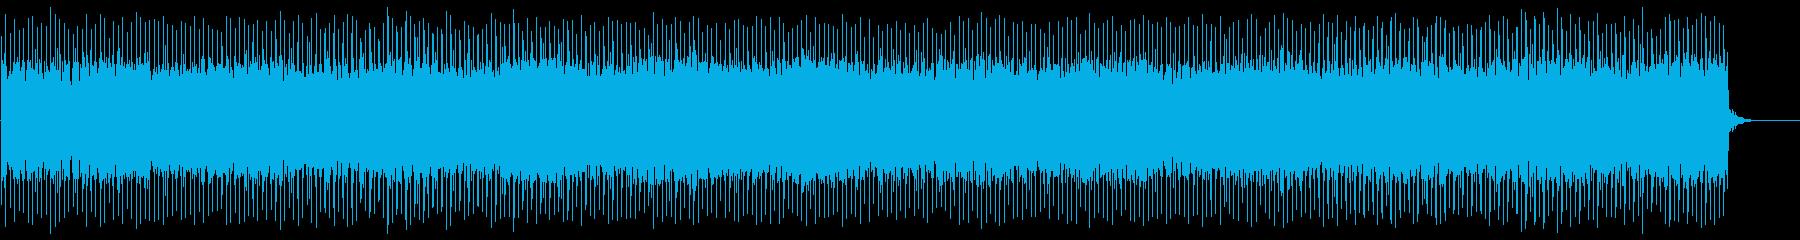 テクノっぽいニュース的なBGMの再生済みの波形